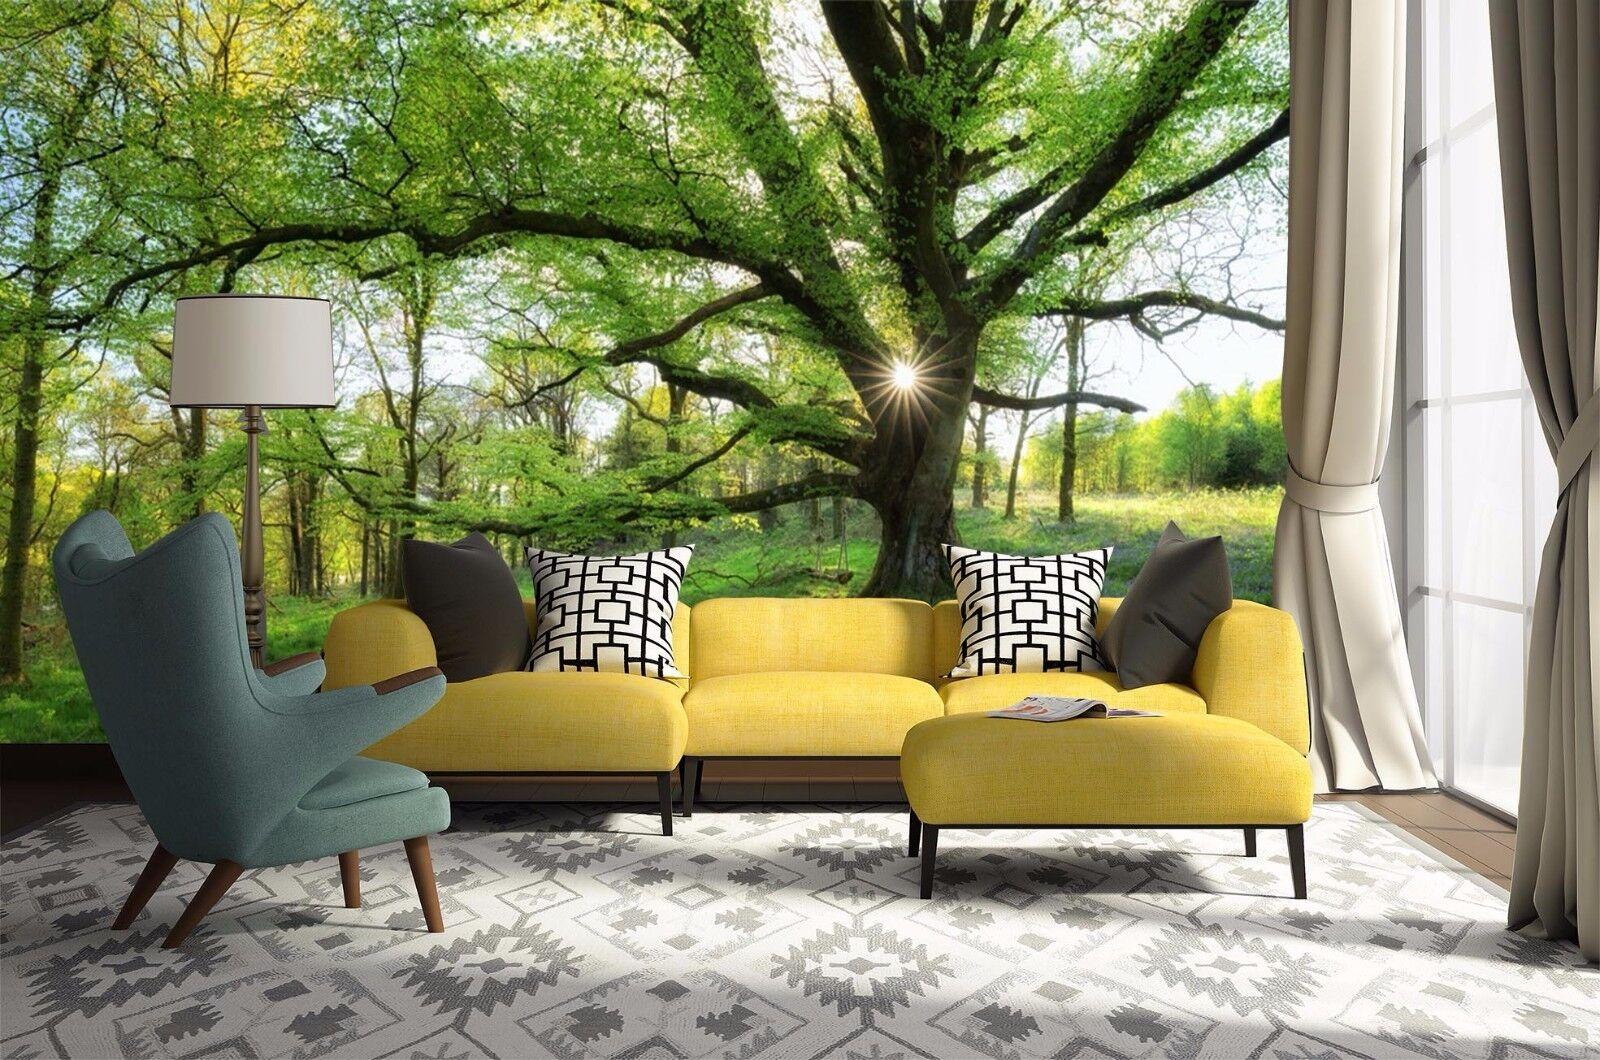 3D Baum Frühling Wiese 9473 Tapete Wandgemälde Tapeten Bild Familie DE Jenny   Meistverkaufte weltweit    Deutsche Outlets    Elegantes Aussehen